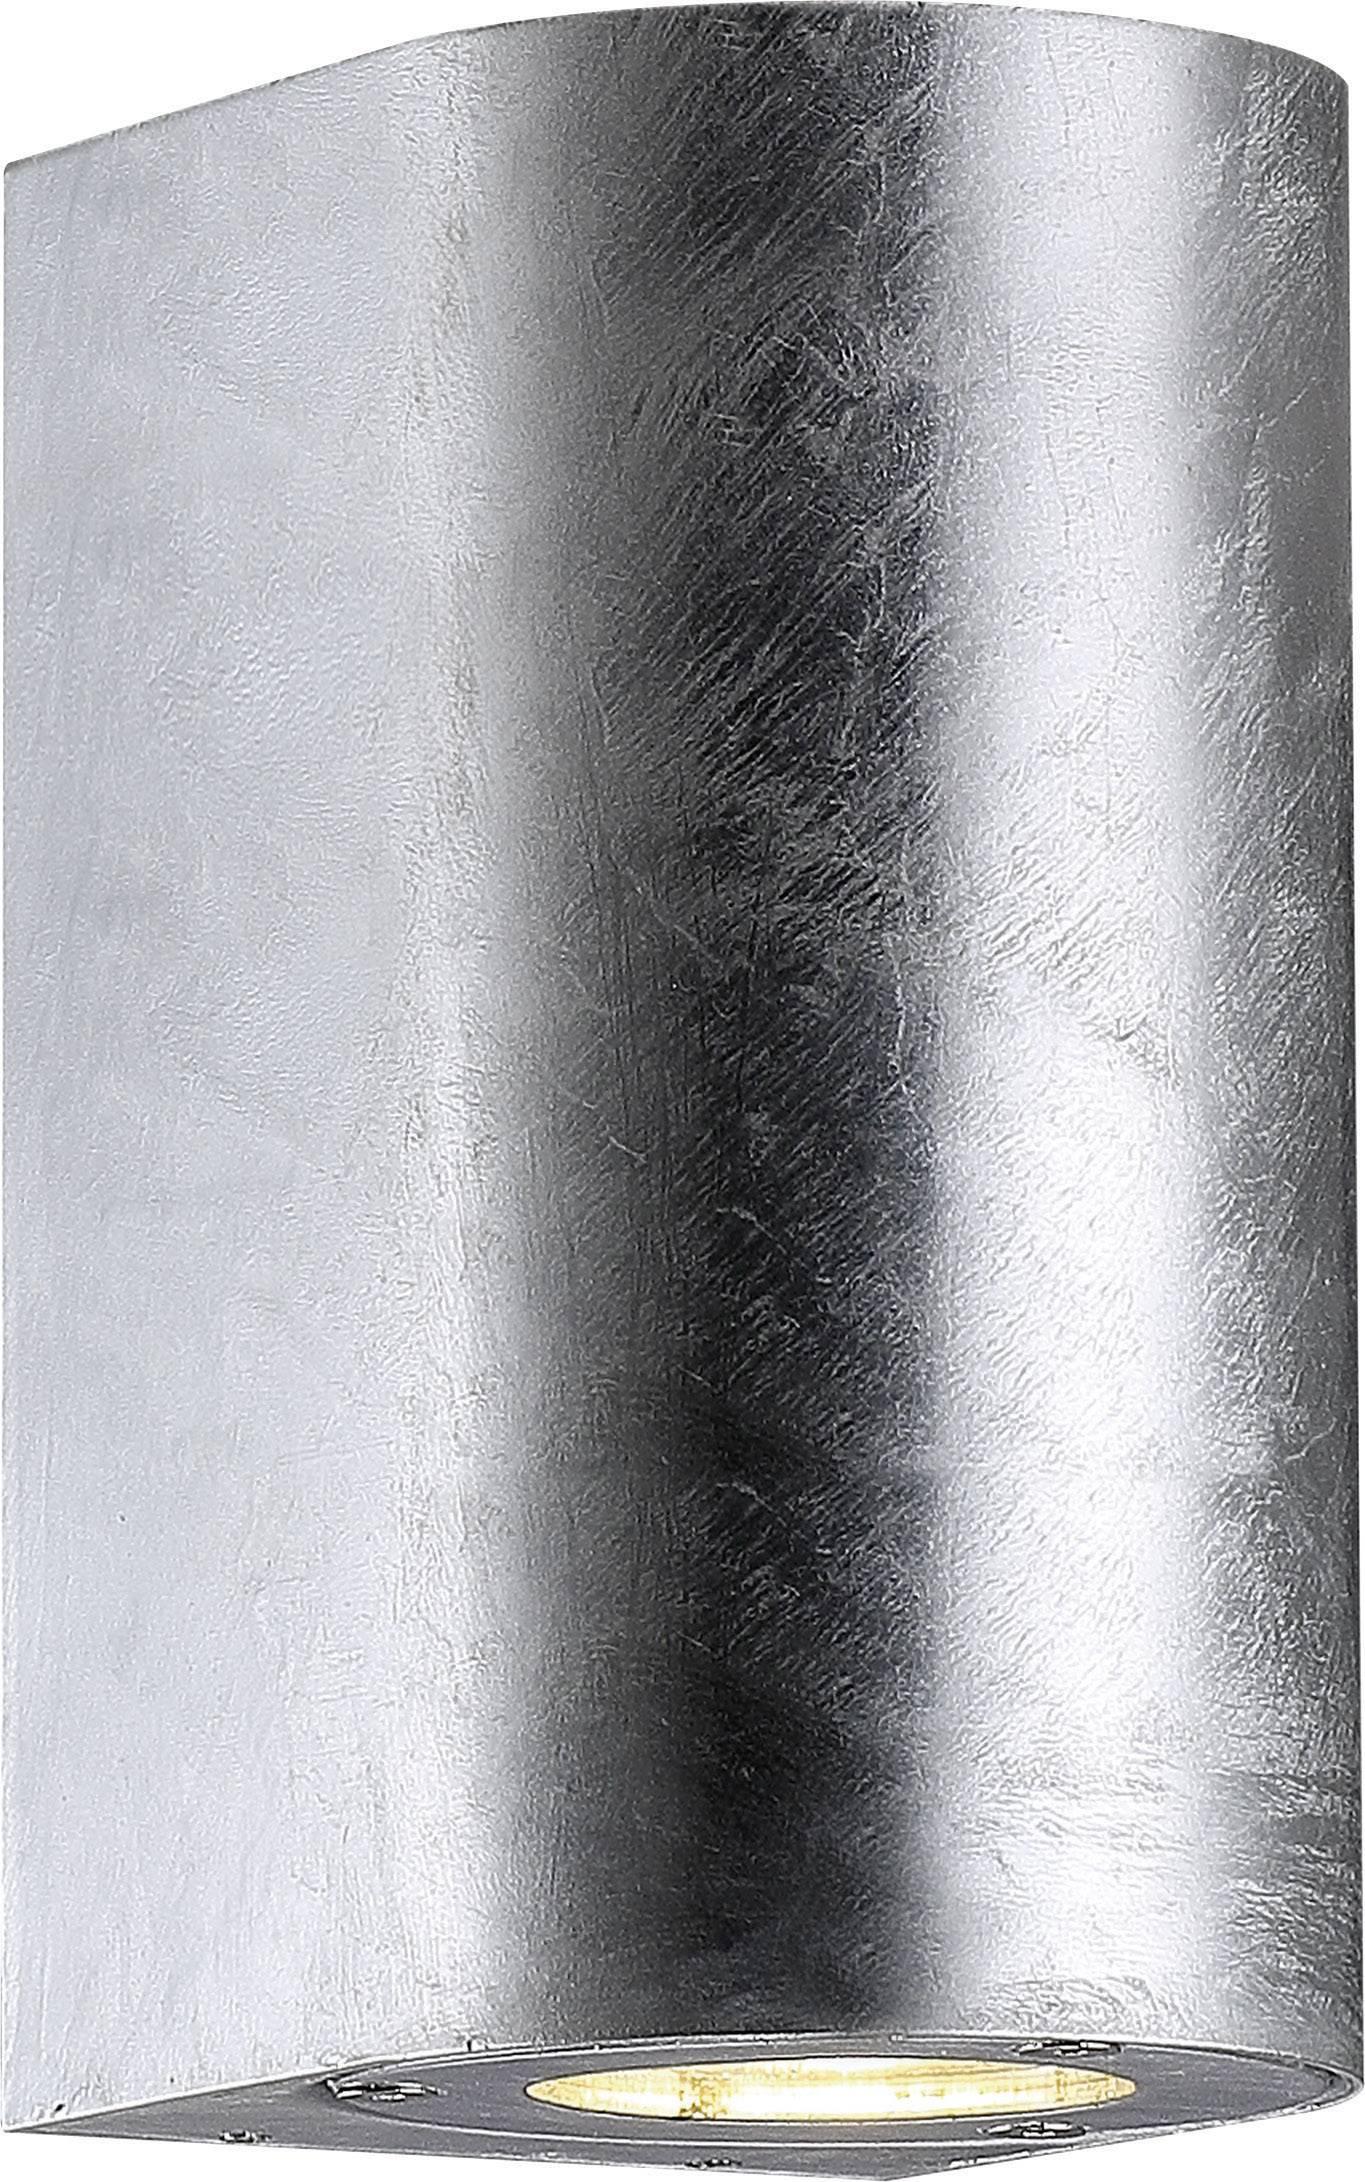 Vonkajšieosvetlenie Nordlux Canto Maxi 77561031, GU10, 70 W, hliník, pozinkovaný